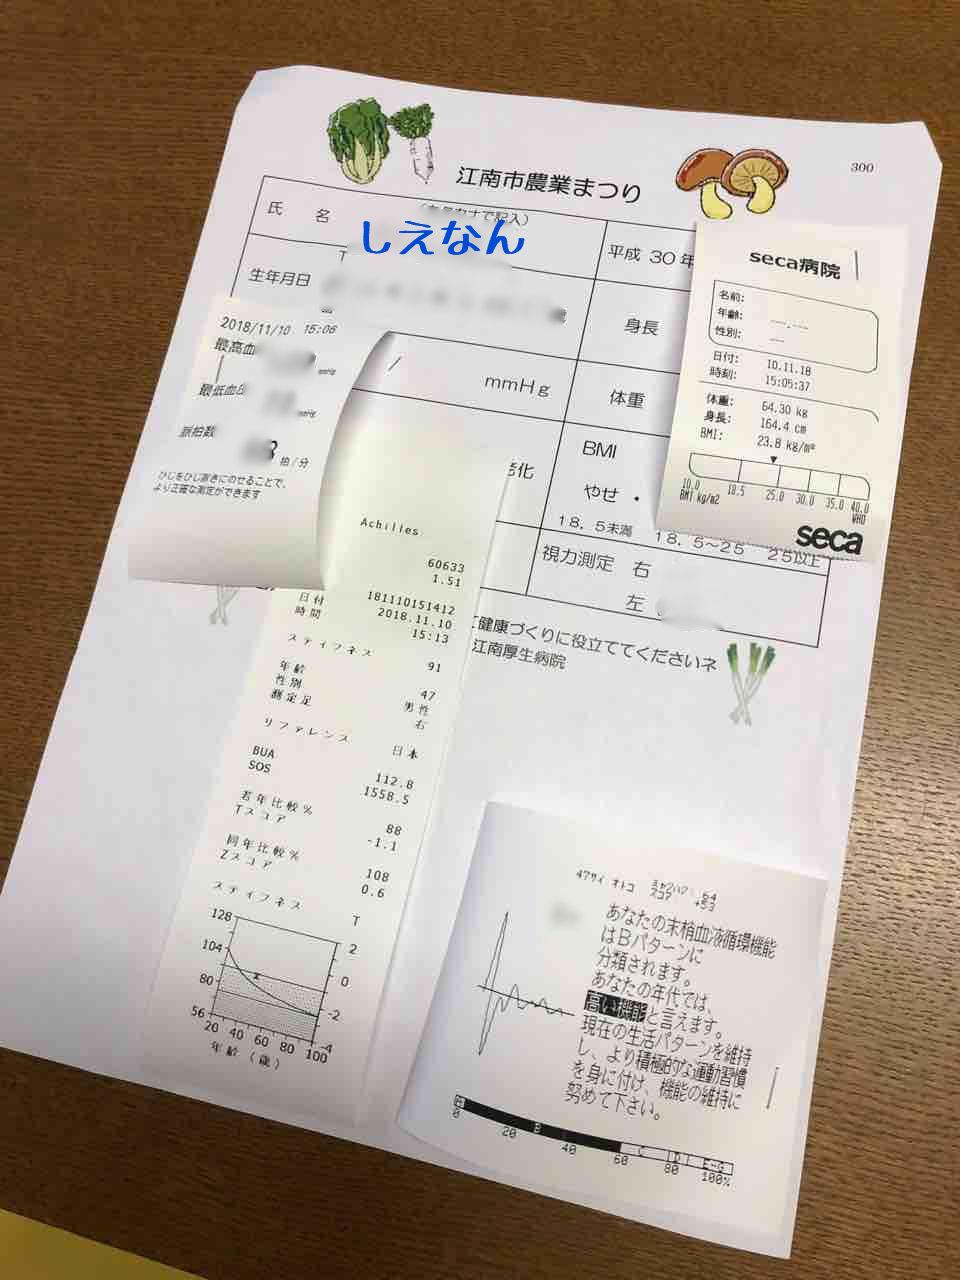 『農業まつり』江南厚生病院のブース・結果